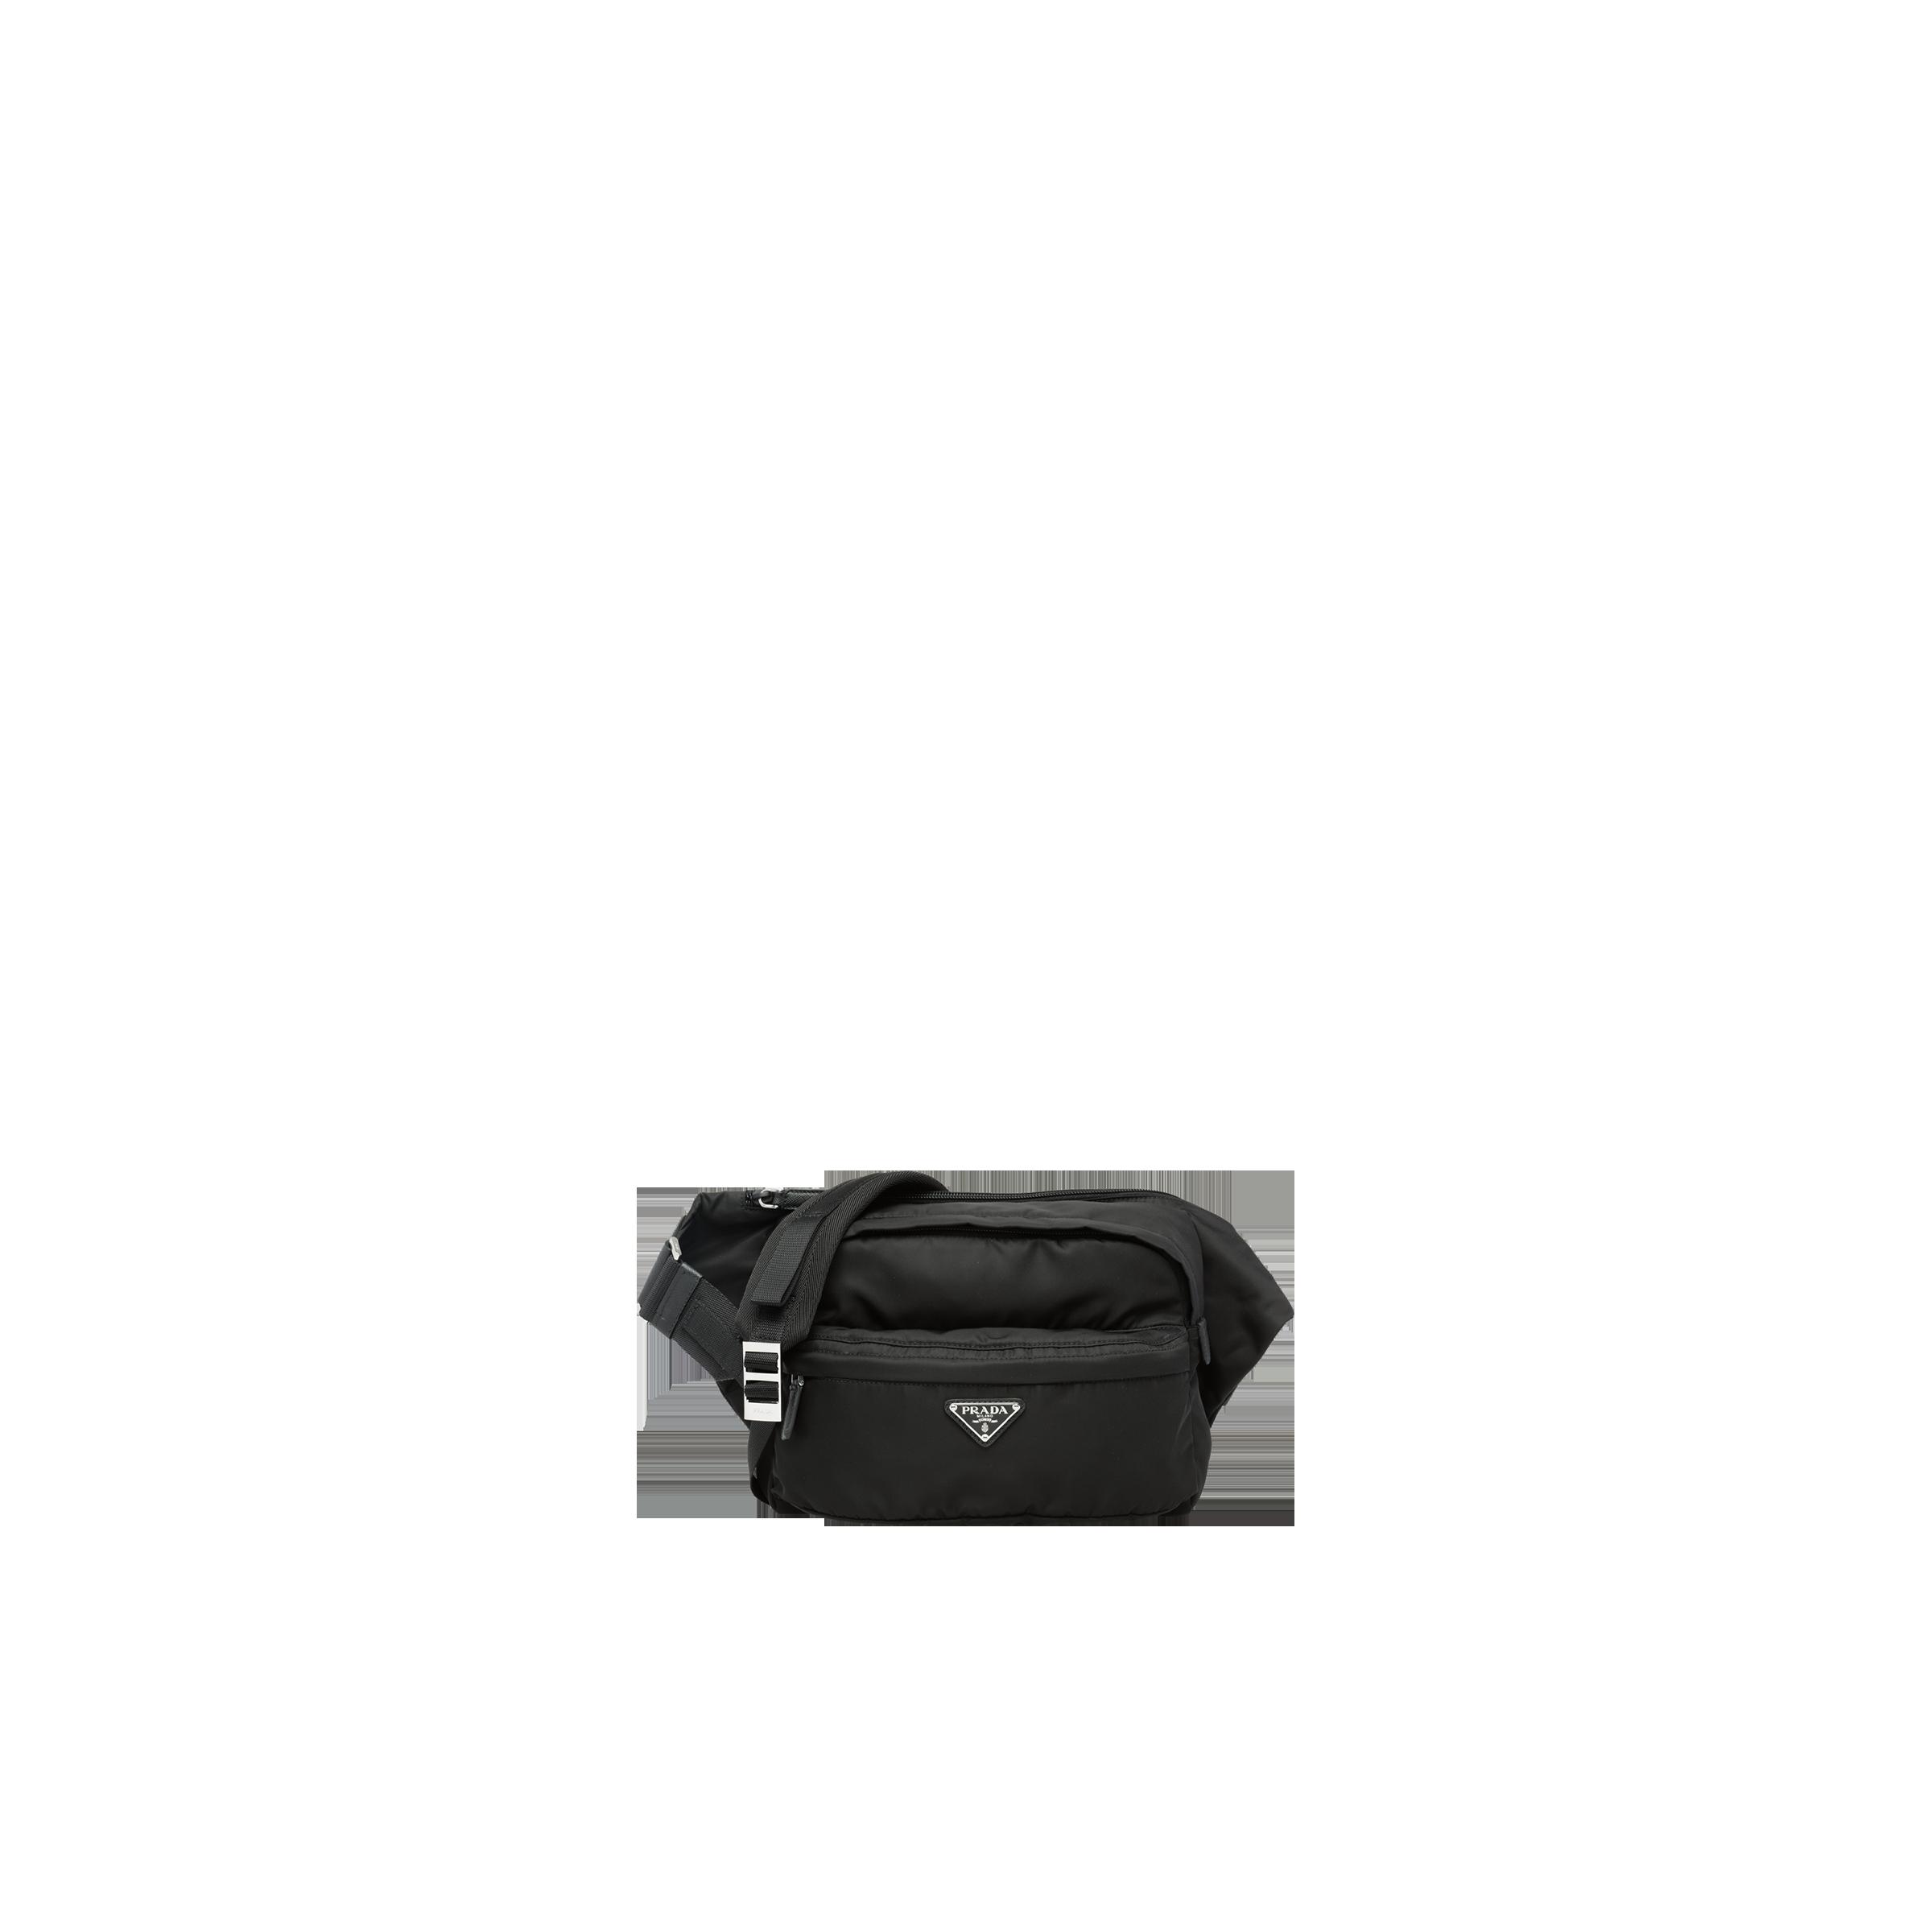 485bdb333606 Men's Messenger Bags | Prada